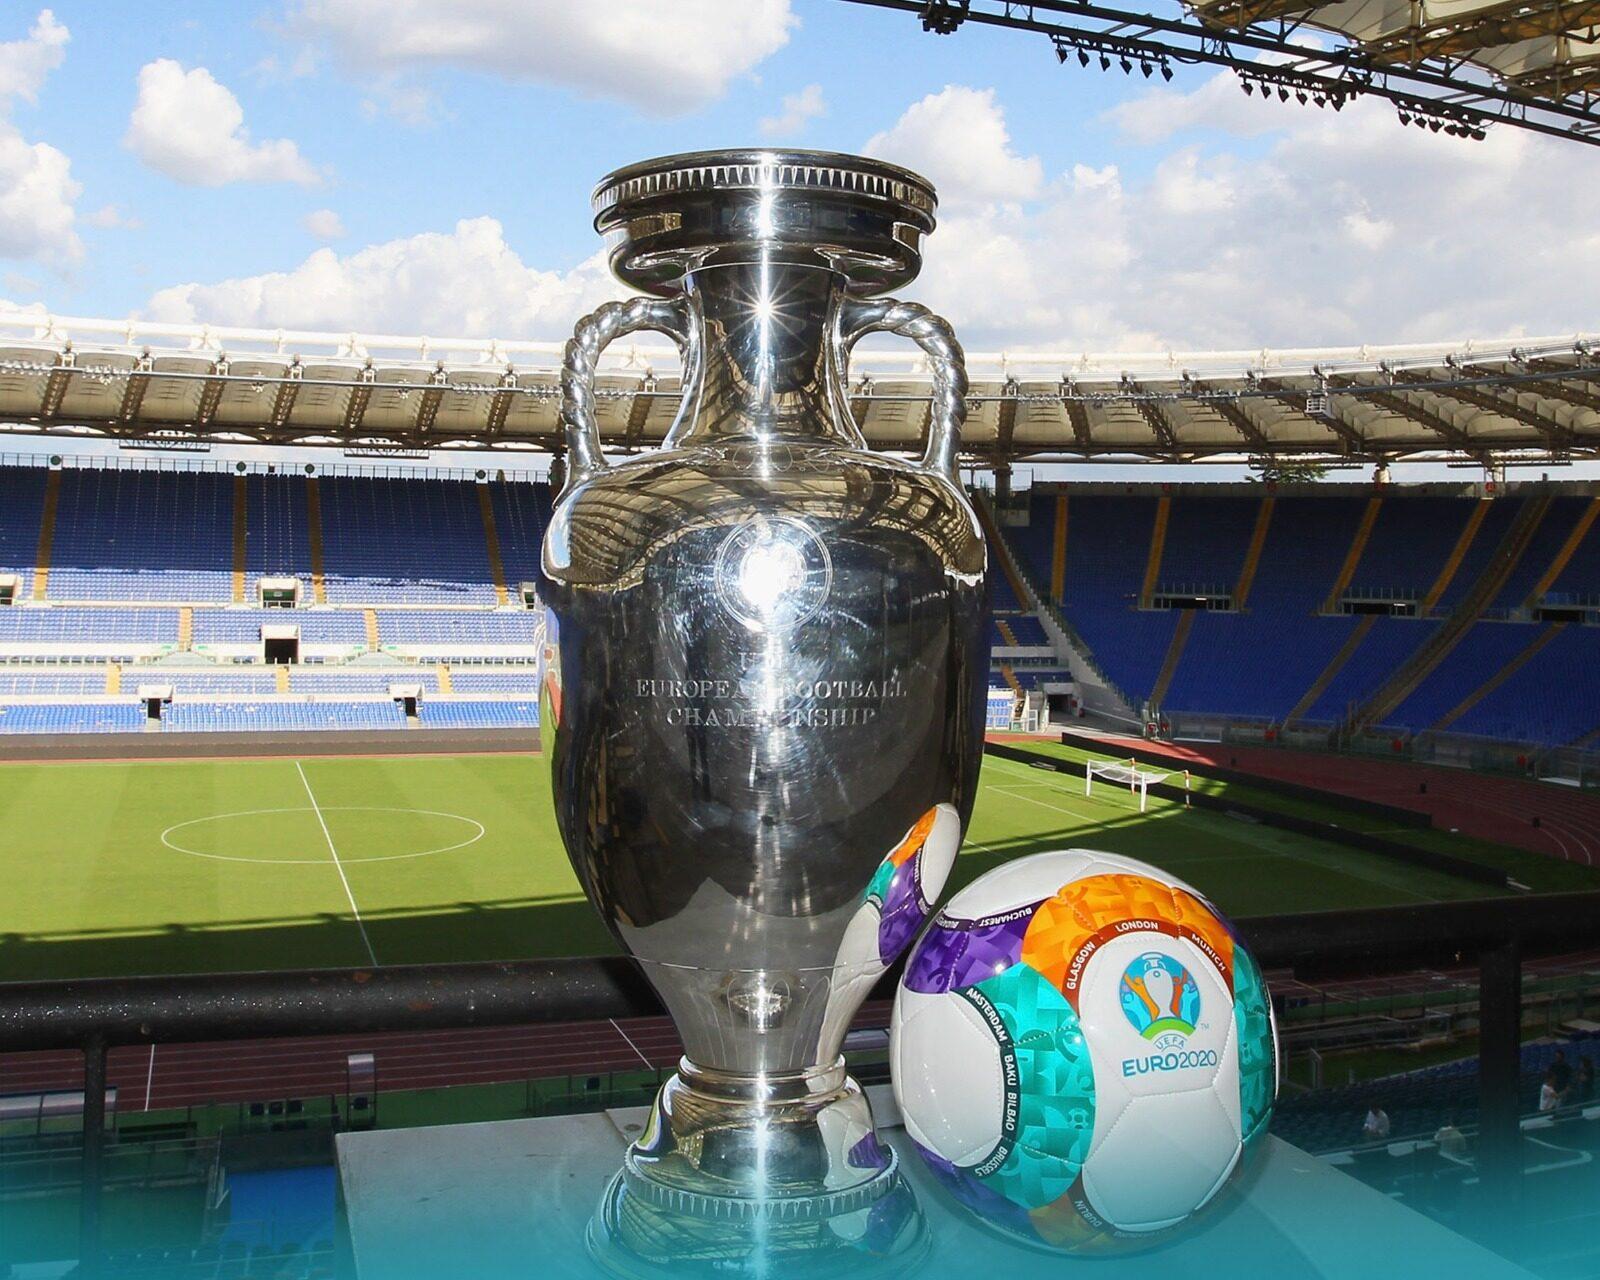 英格蘭 - 意大利,歐洲錦標賽的政治太多而足球太少?